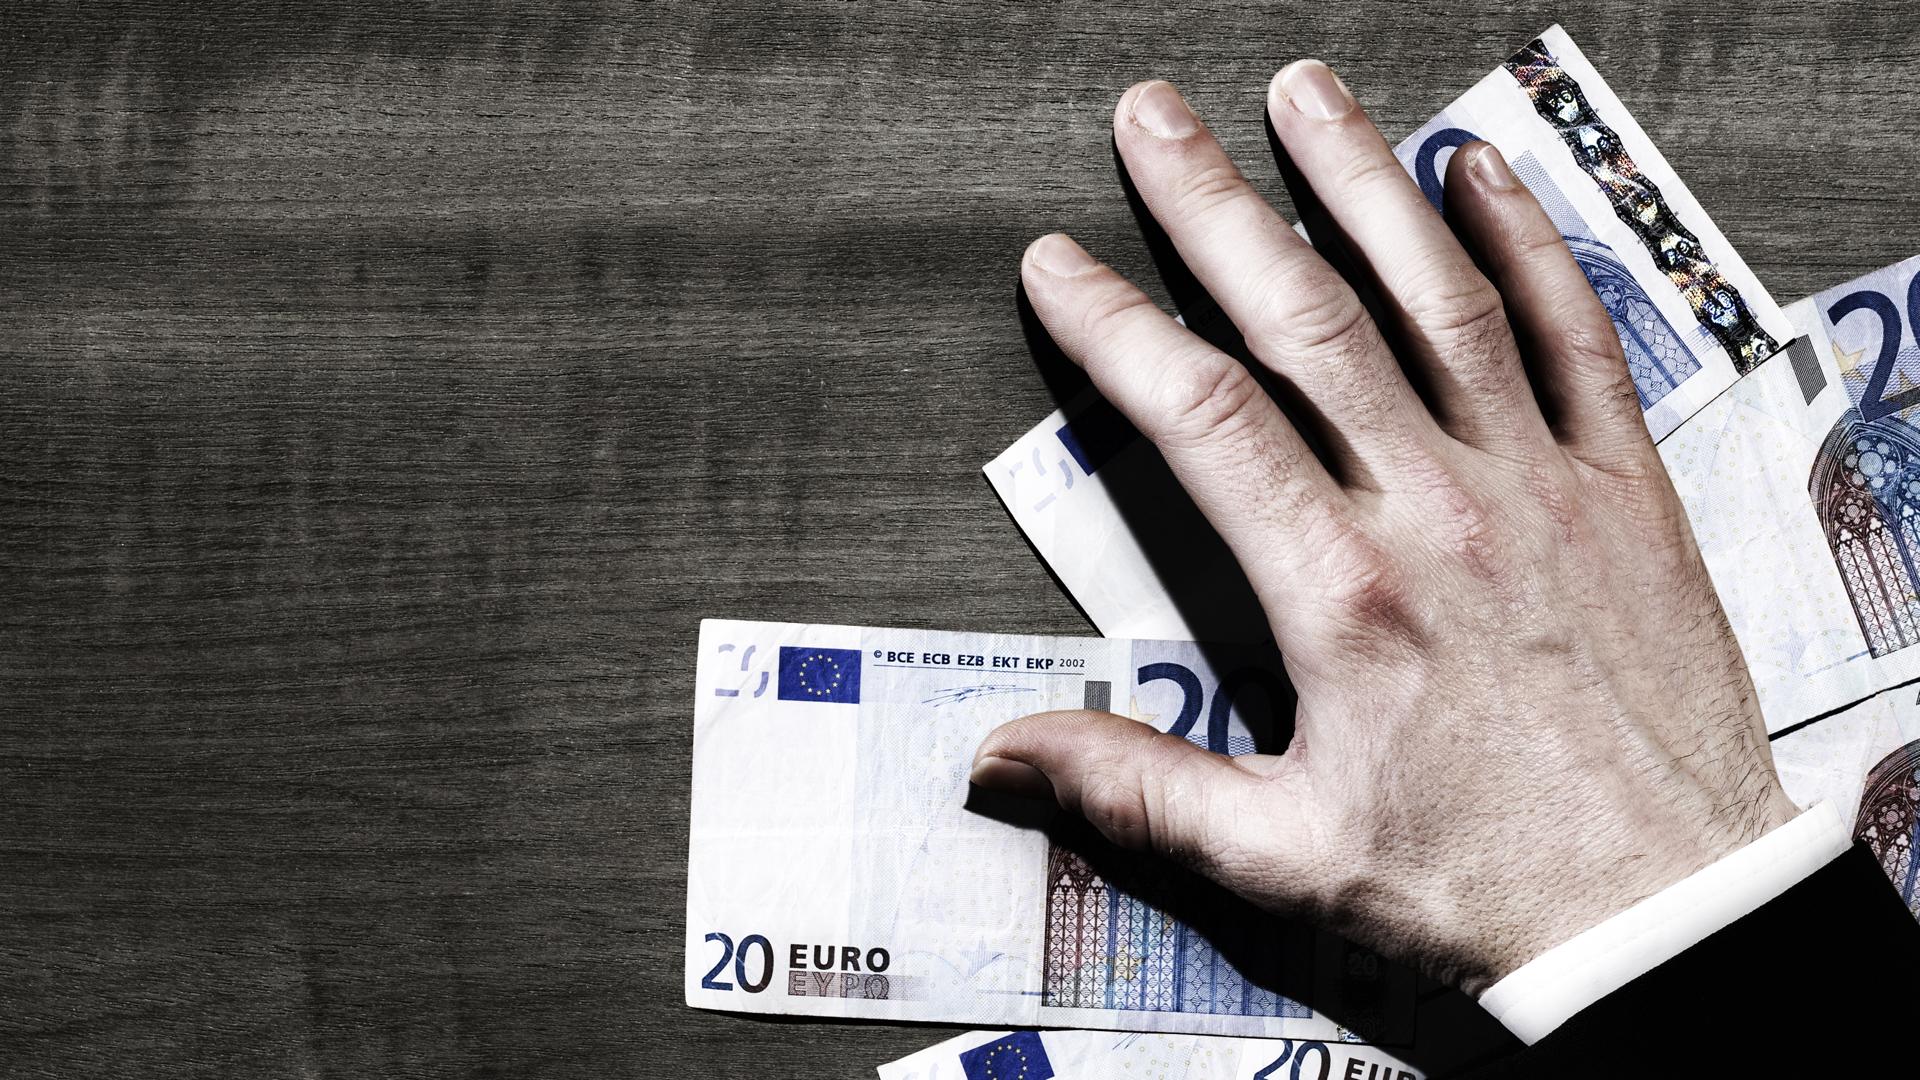 geld hand euro 16x9